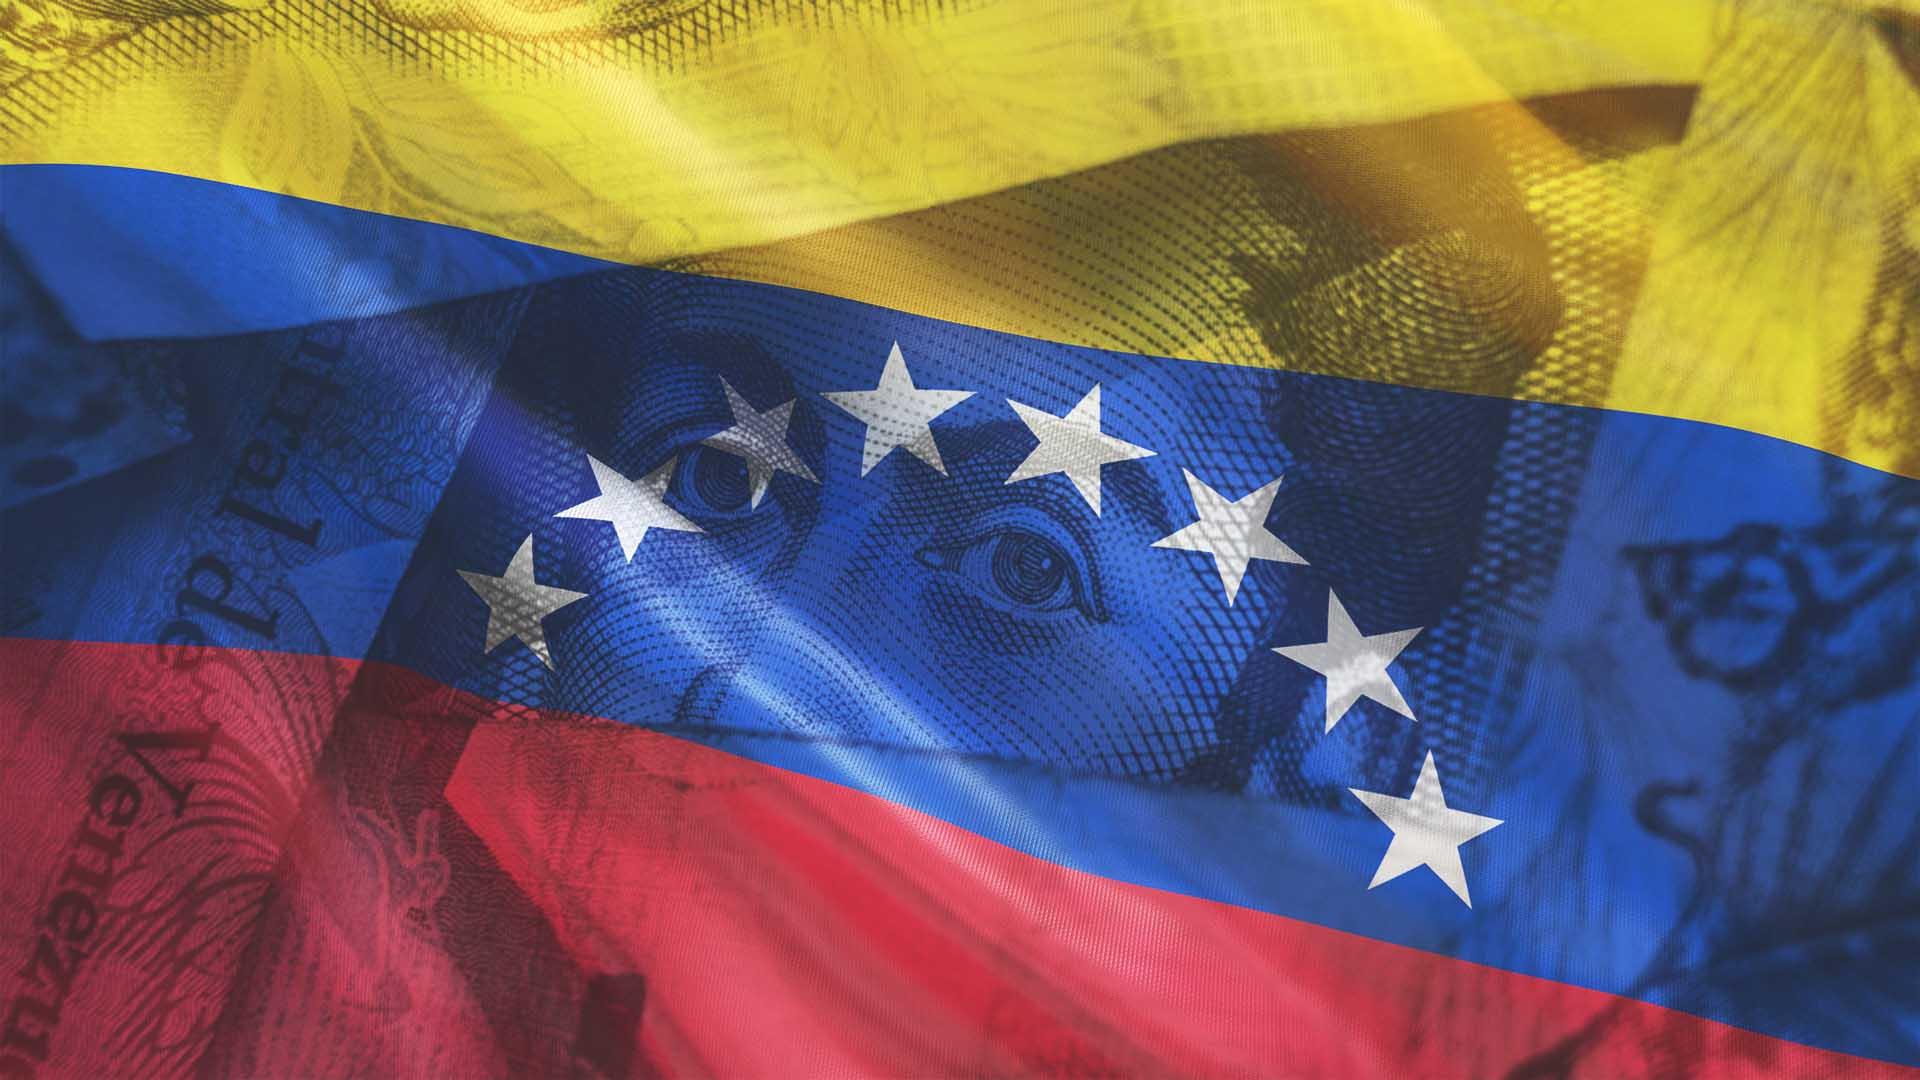 Dólares, bolívares y petros: la realidad multimoneda en Venezuela llegó para quedarse, explica el economista Asdrúbal Oliveros